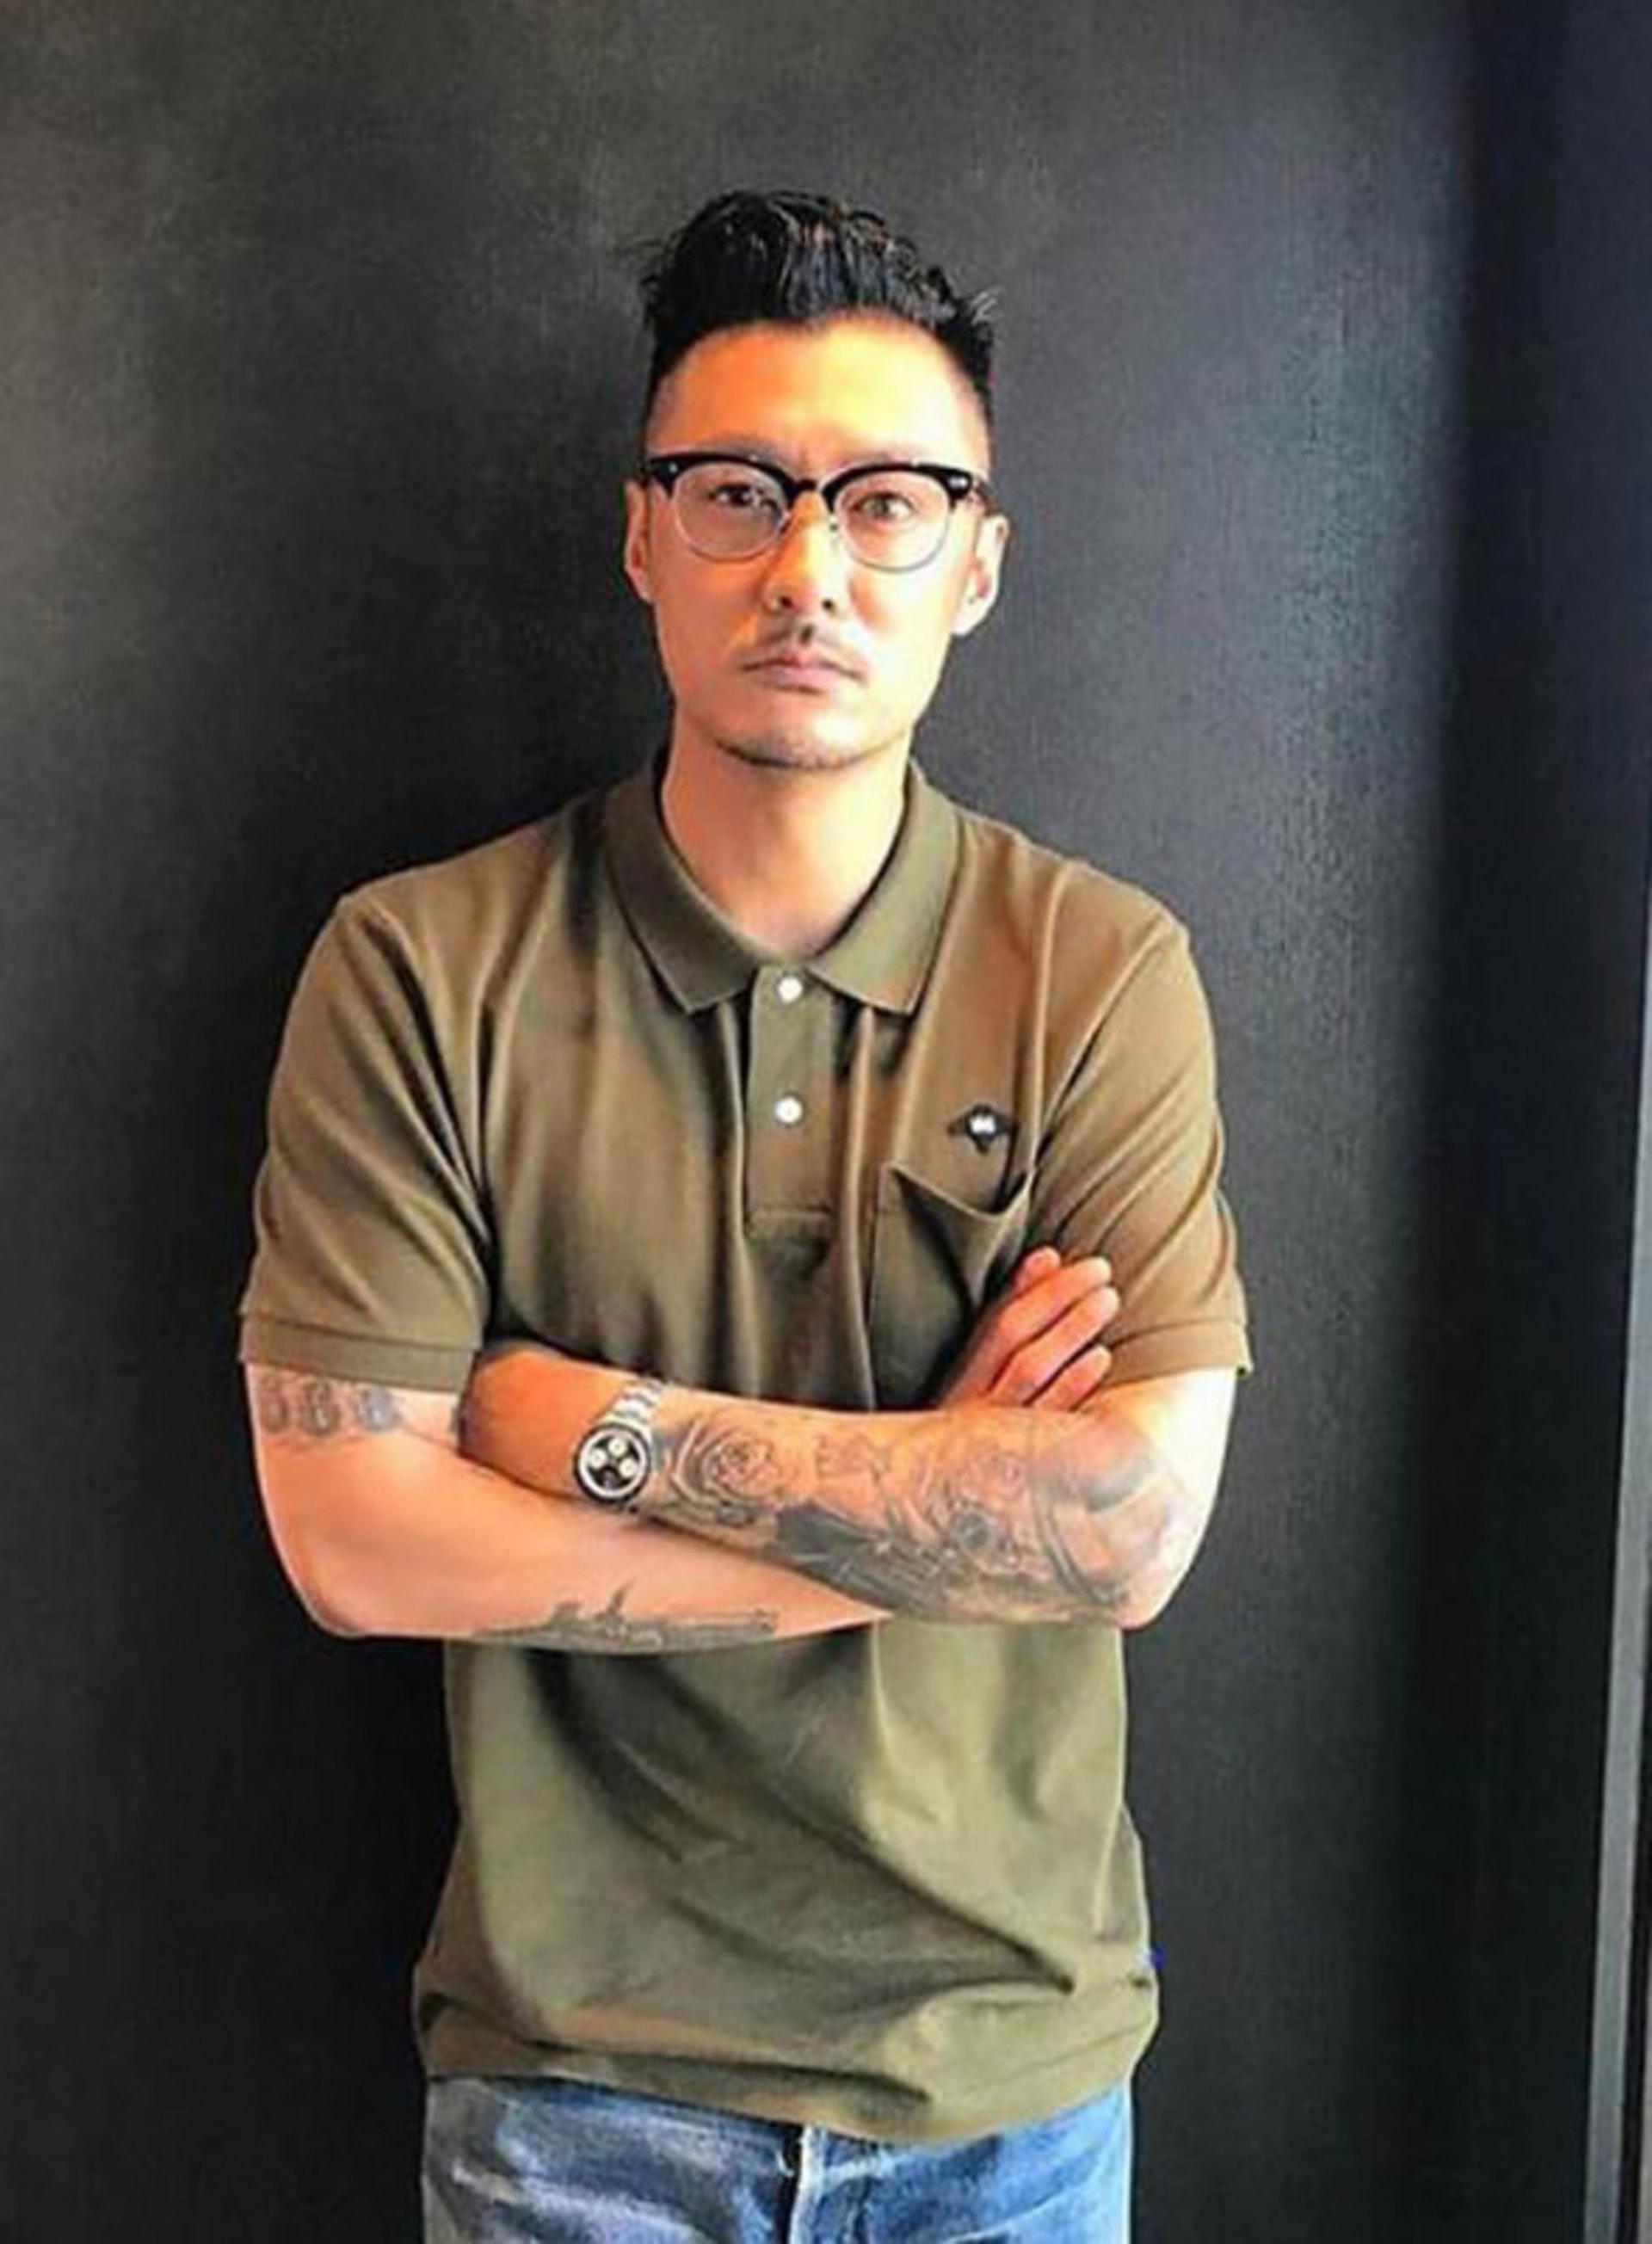 香港演藝圈的潮流指標——余文樂平時喜歡在個人Instagram吐露自己的玩錶品味,其中收藏老勞力士腕錶是他的一大喜好。(圖片來源:lok666@IG)